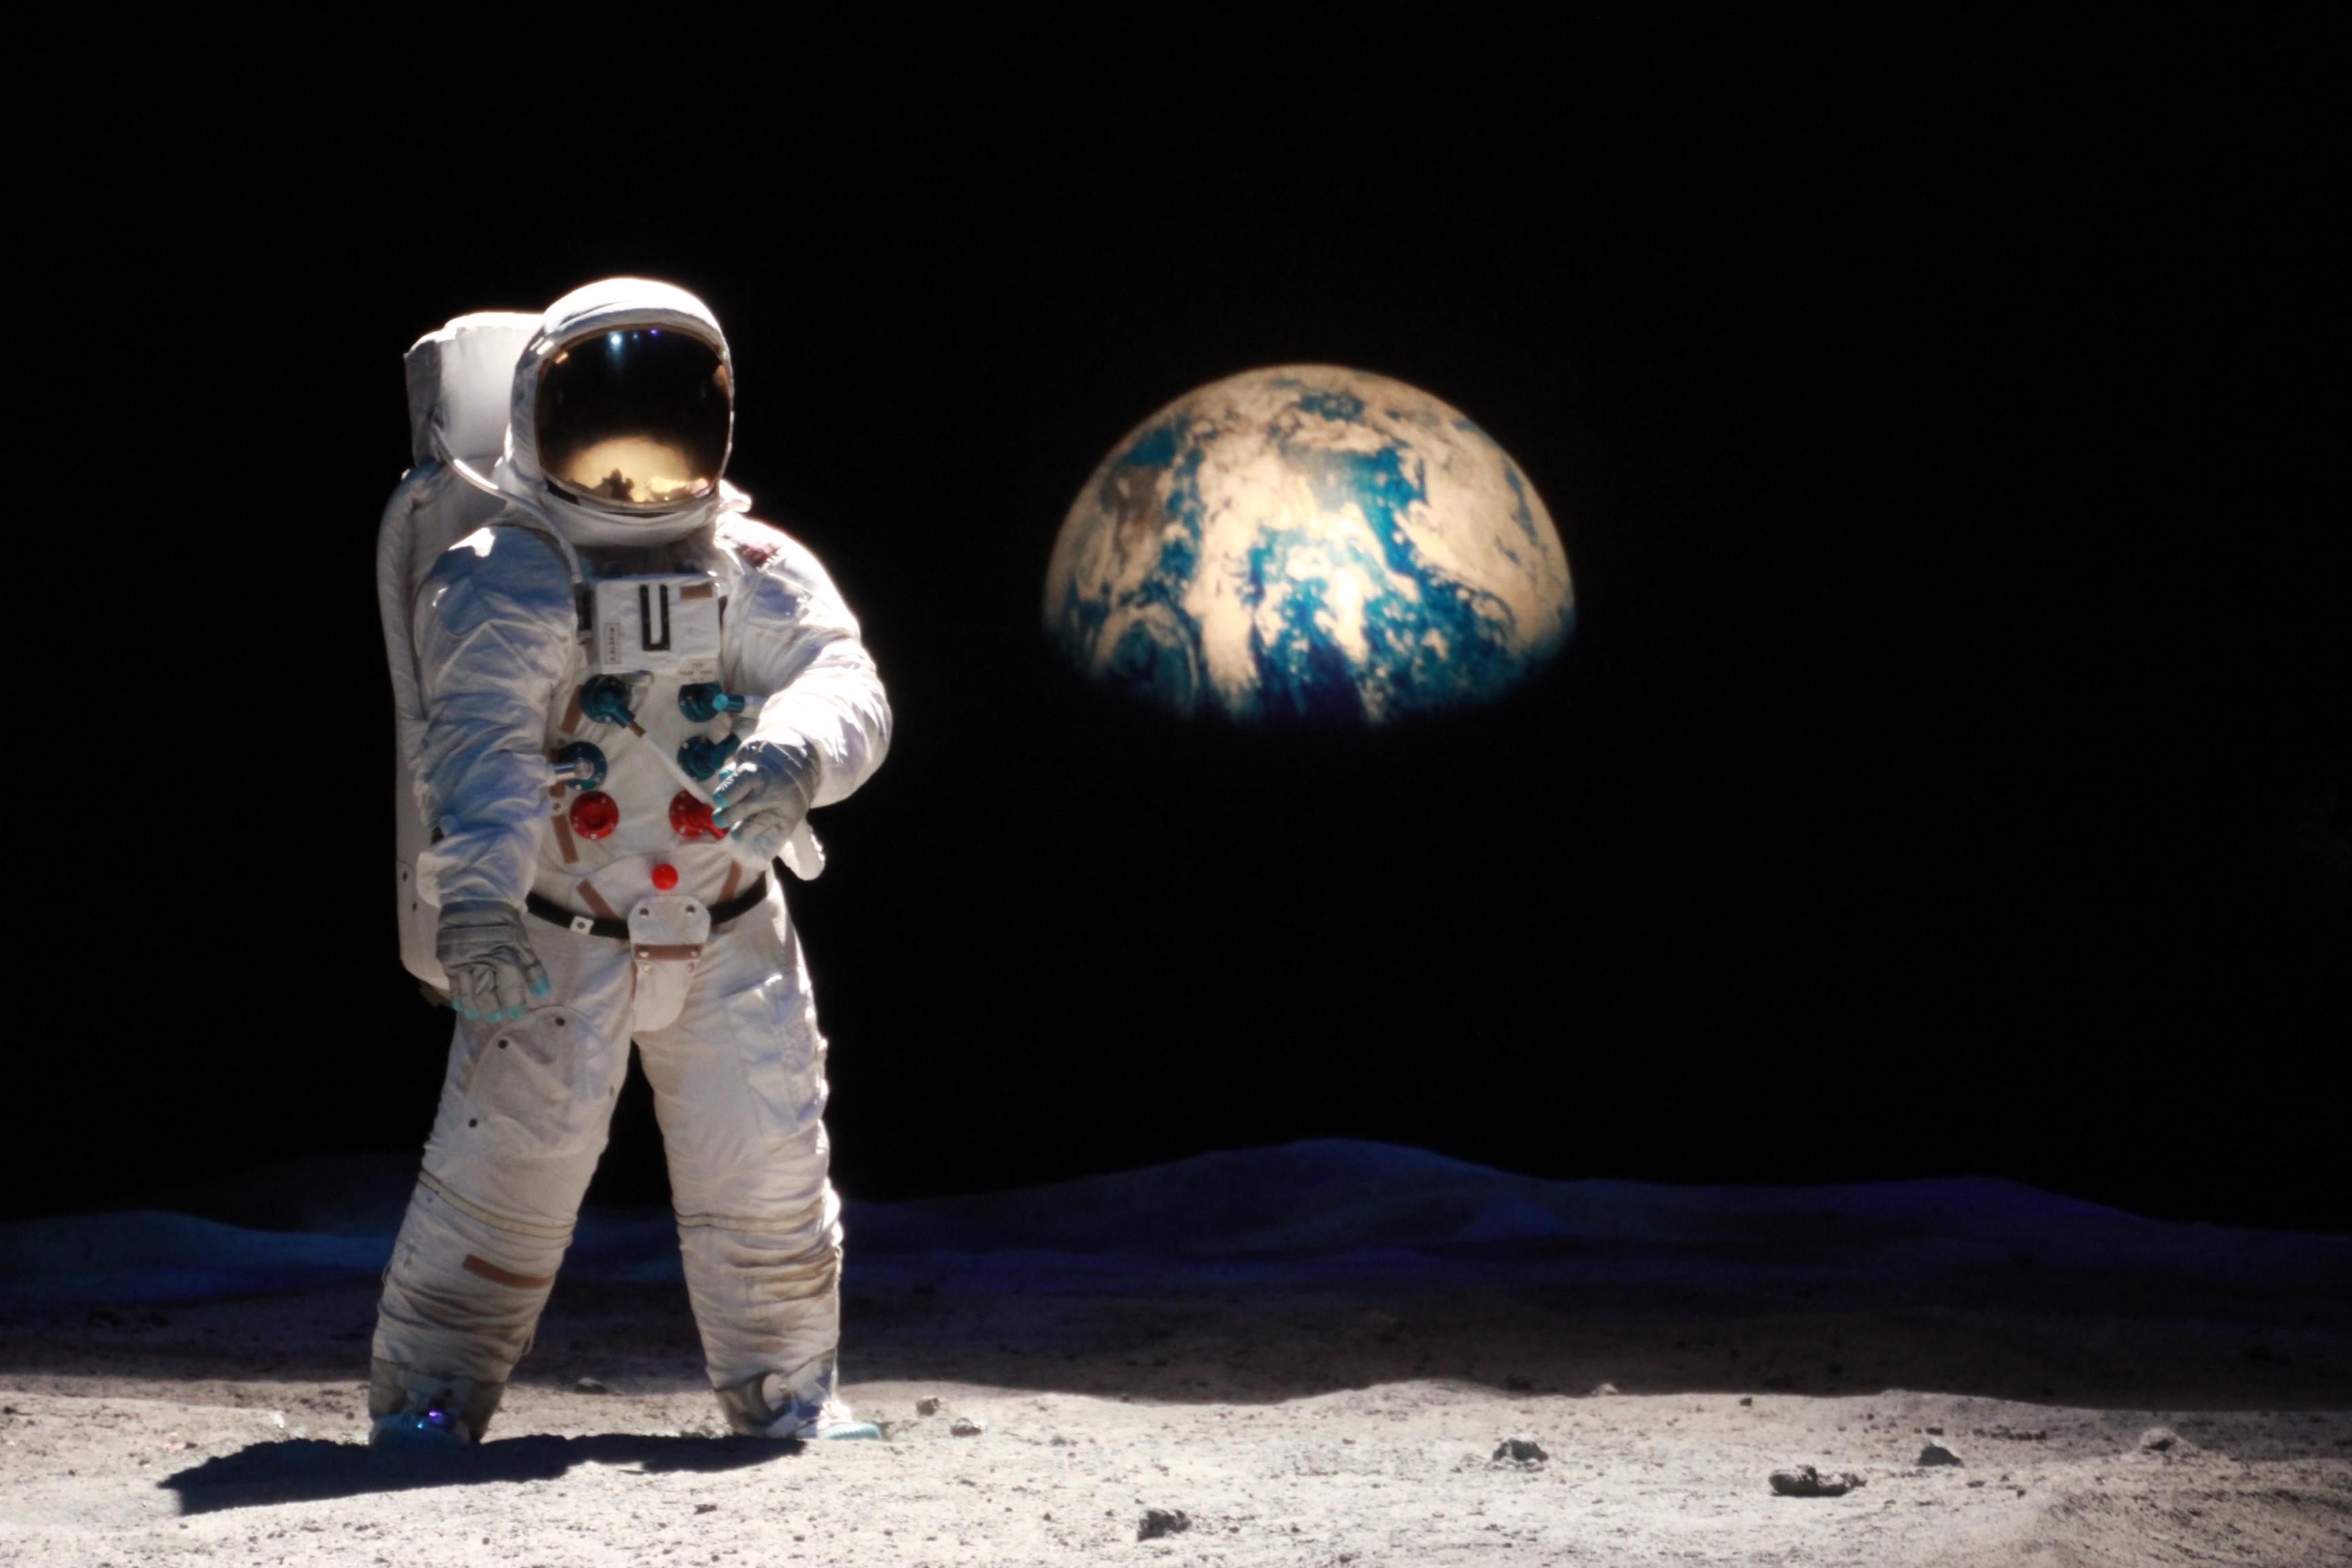 Hoje é um bom dia para irmos para o espaço?